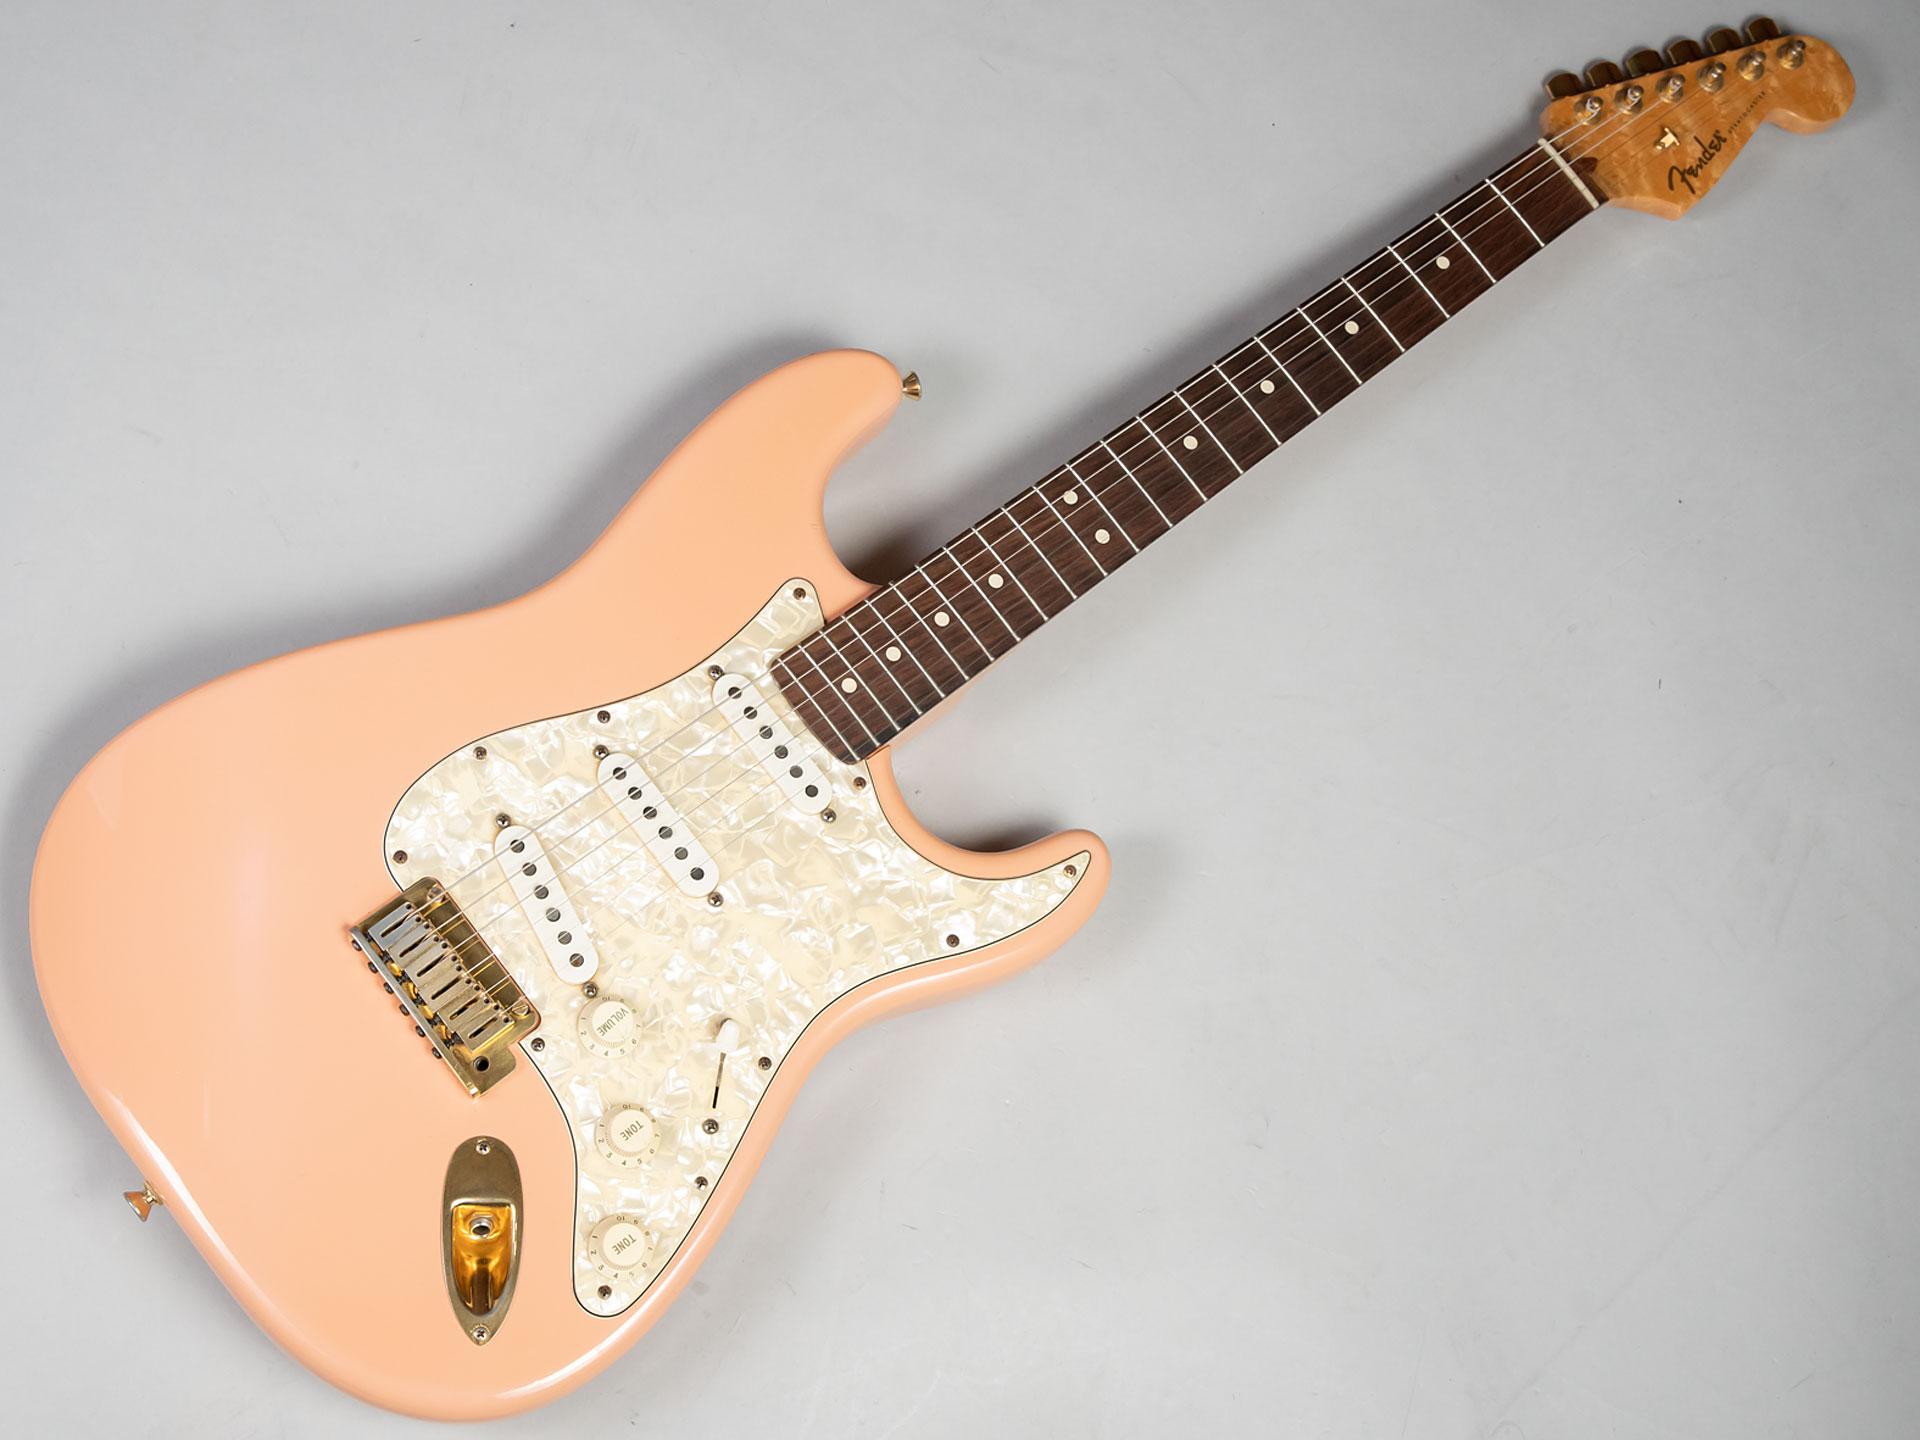 American Classic Stratocaster